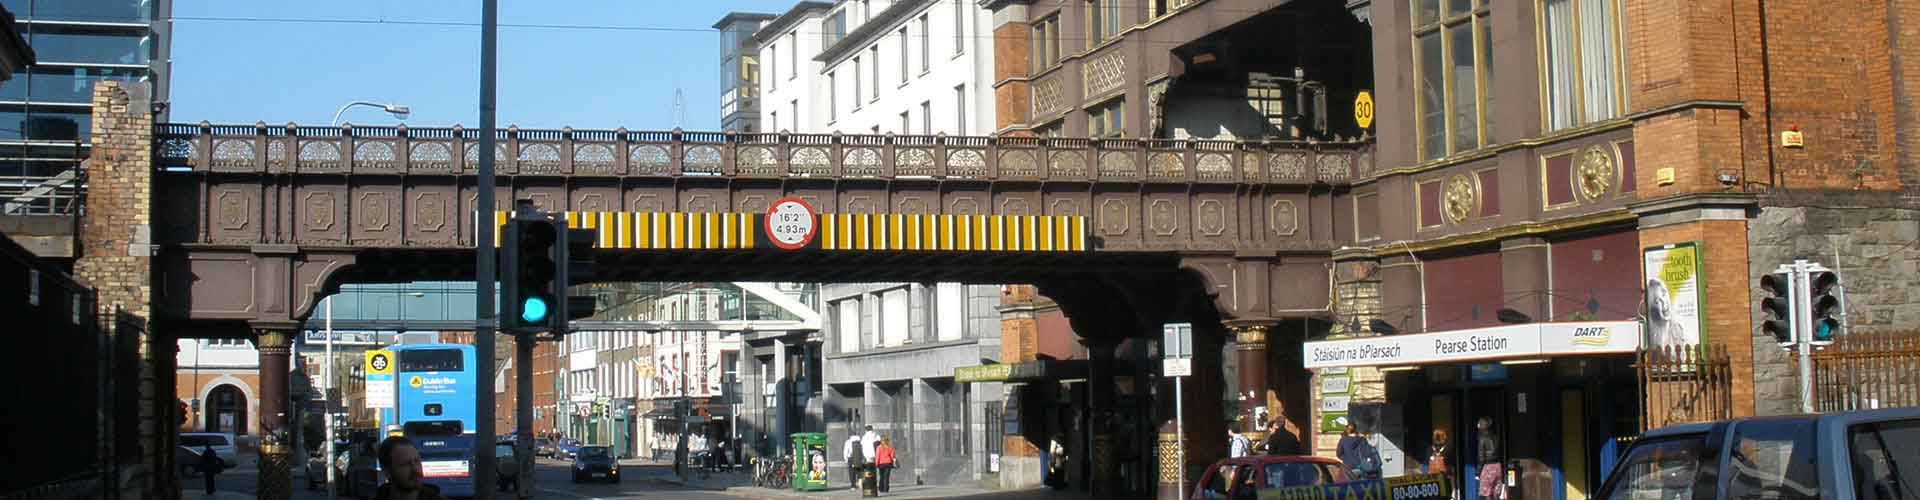 Dublino – Ostelli vicini a Dublin Pearse stazione ferroviaria. Mappe per Dublino, Foto e Recensioni per ogni ostello a Dublino.